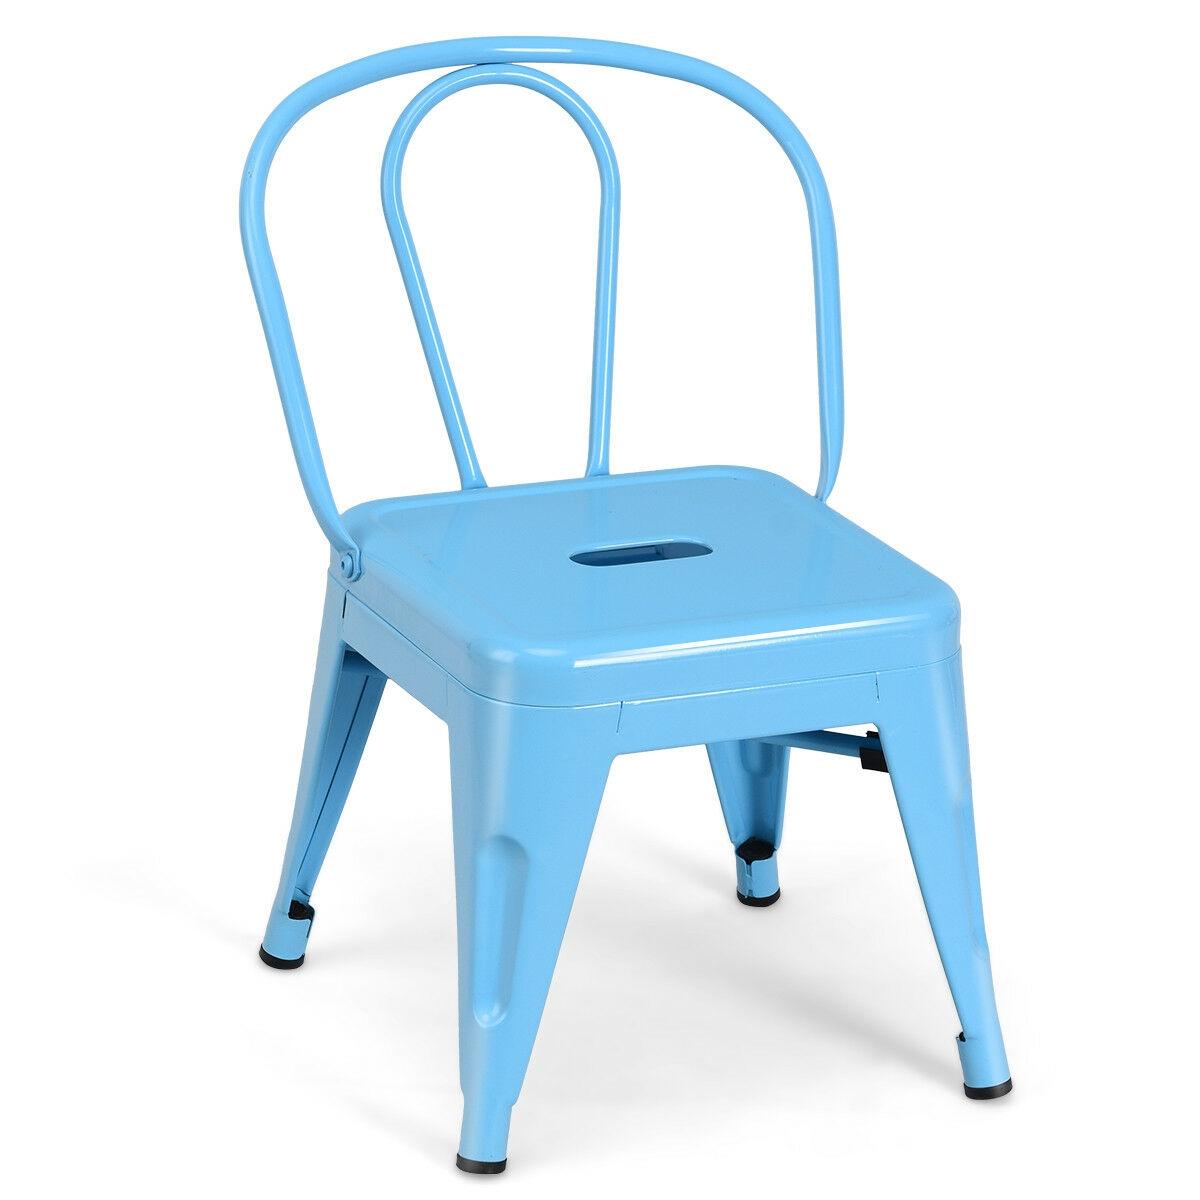 Tolix Kids Stool Metal Chair Stackable Toddler Children Lightweight Blue New